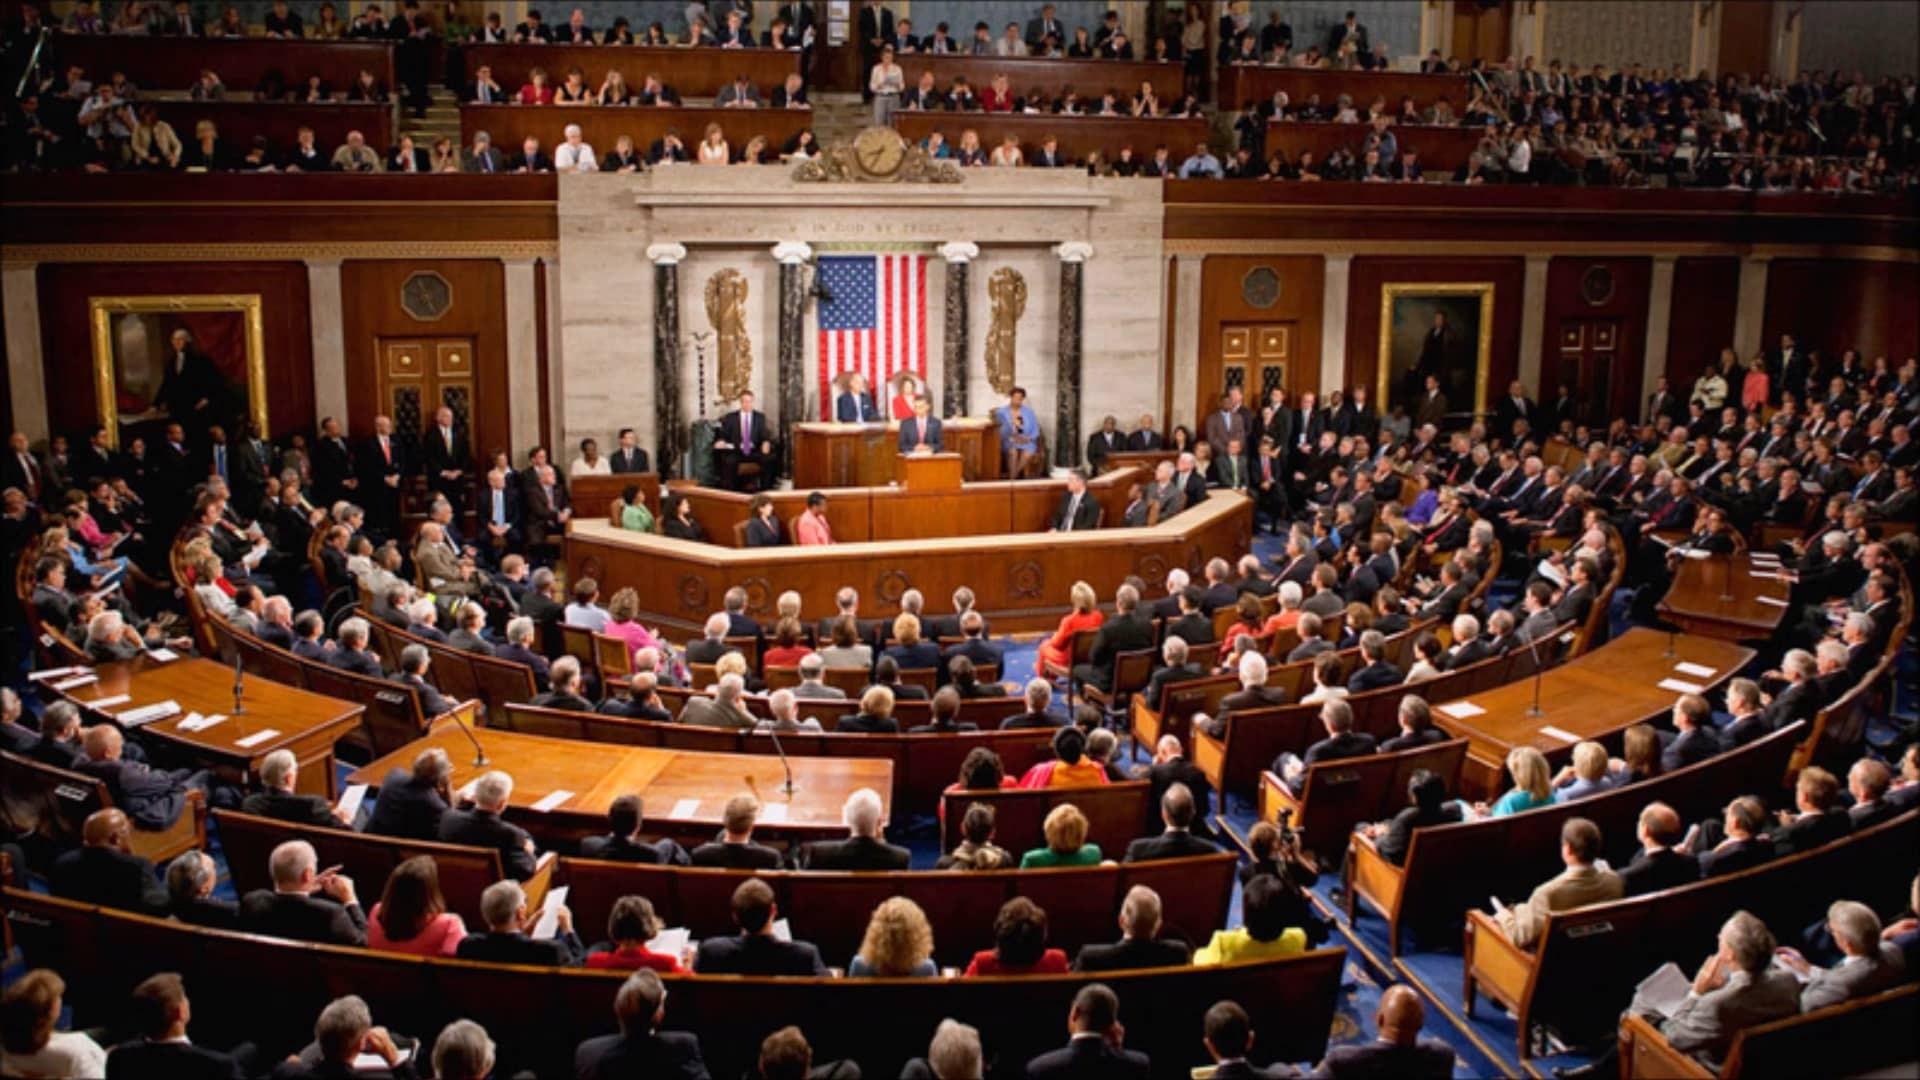 الجمهوريون يعززون فرصهم بالاحتفاظ بالغالبية في مجلس الشيوخ